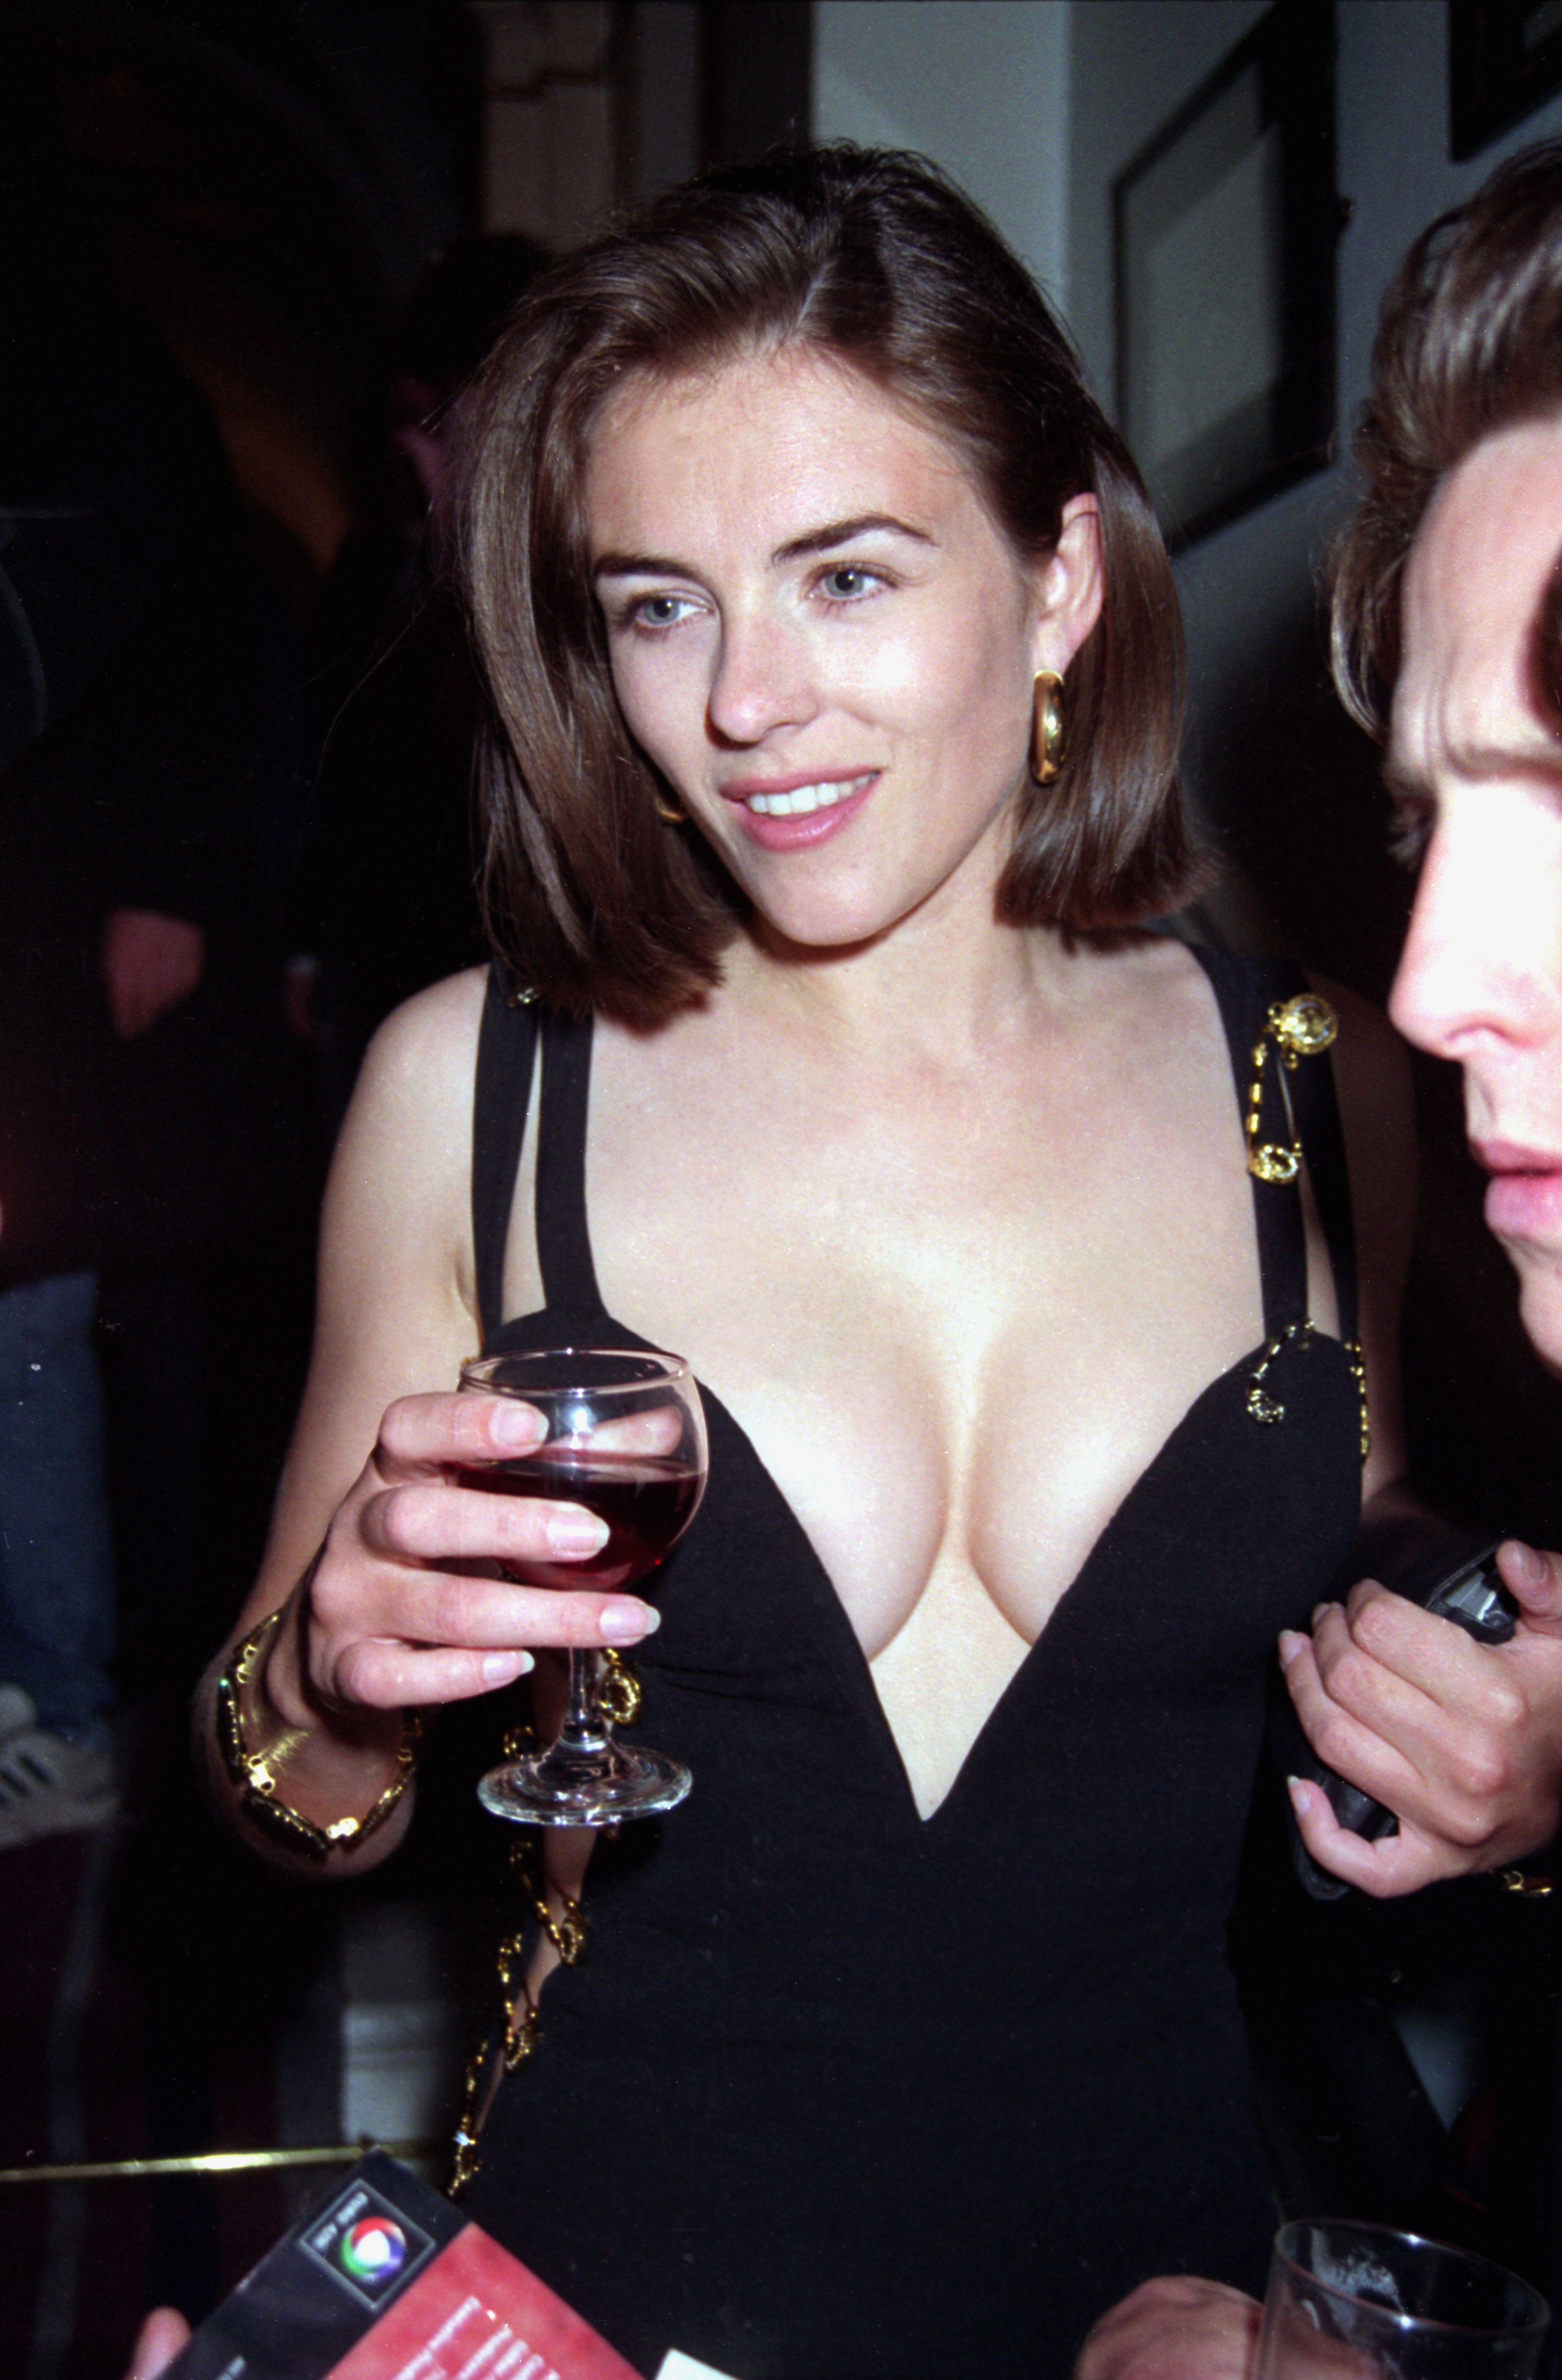 Liz hurley versace dress - Elizabeth Hurley Pictures And Photos